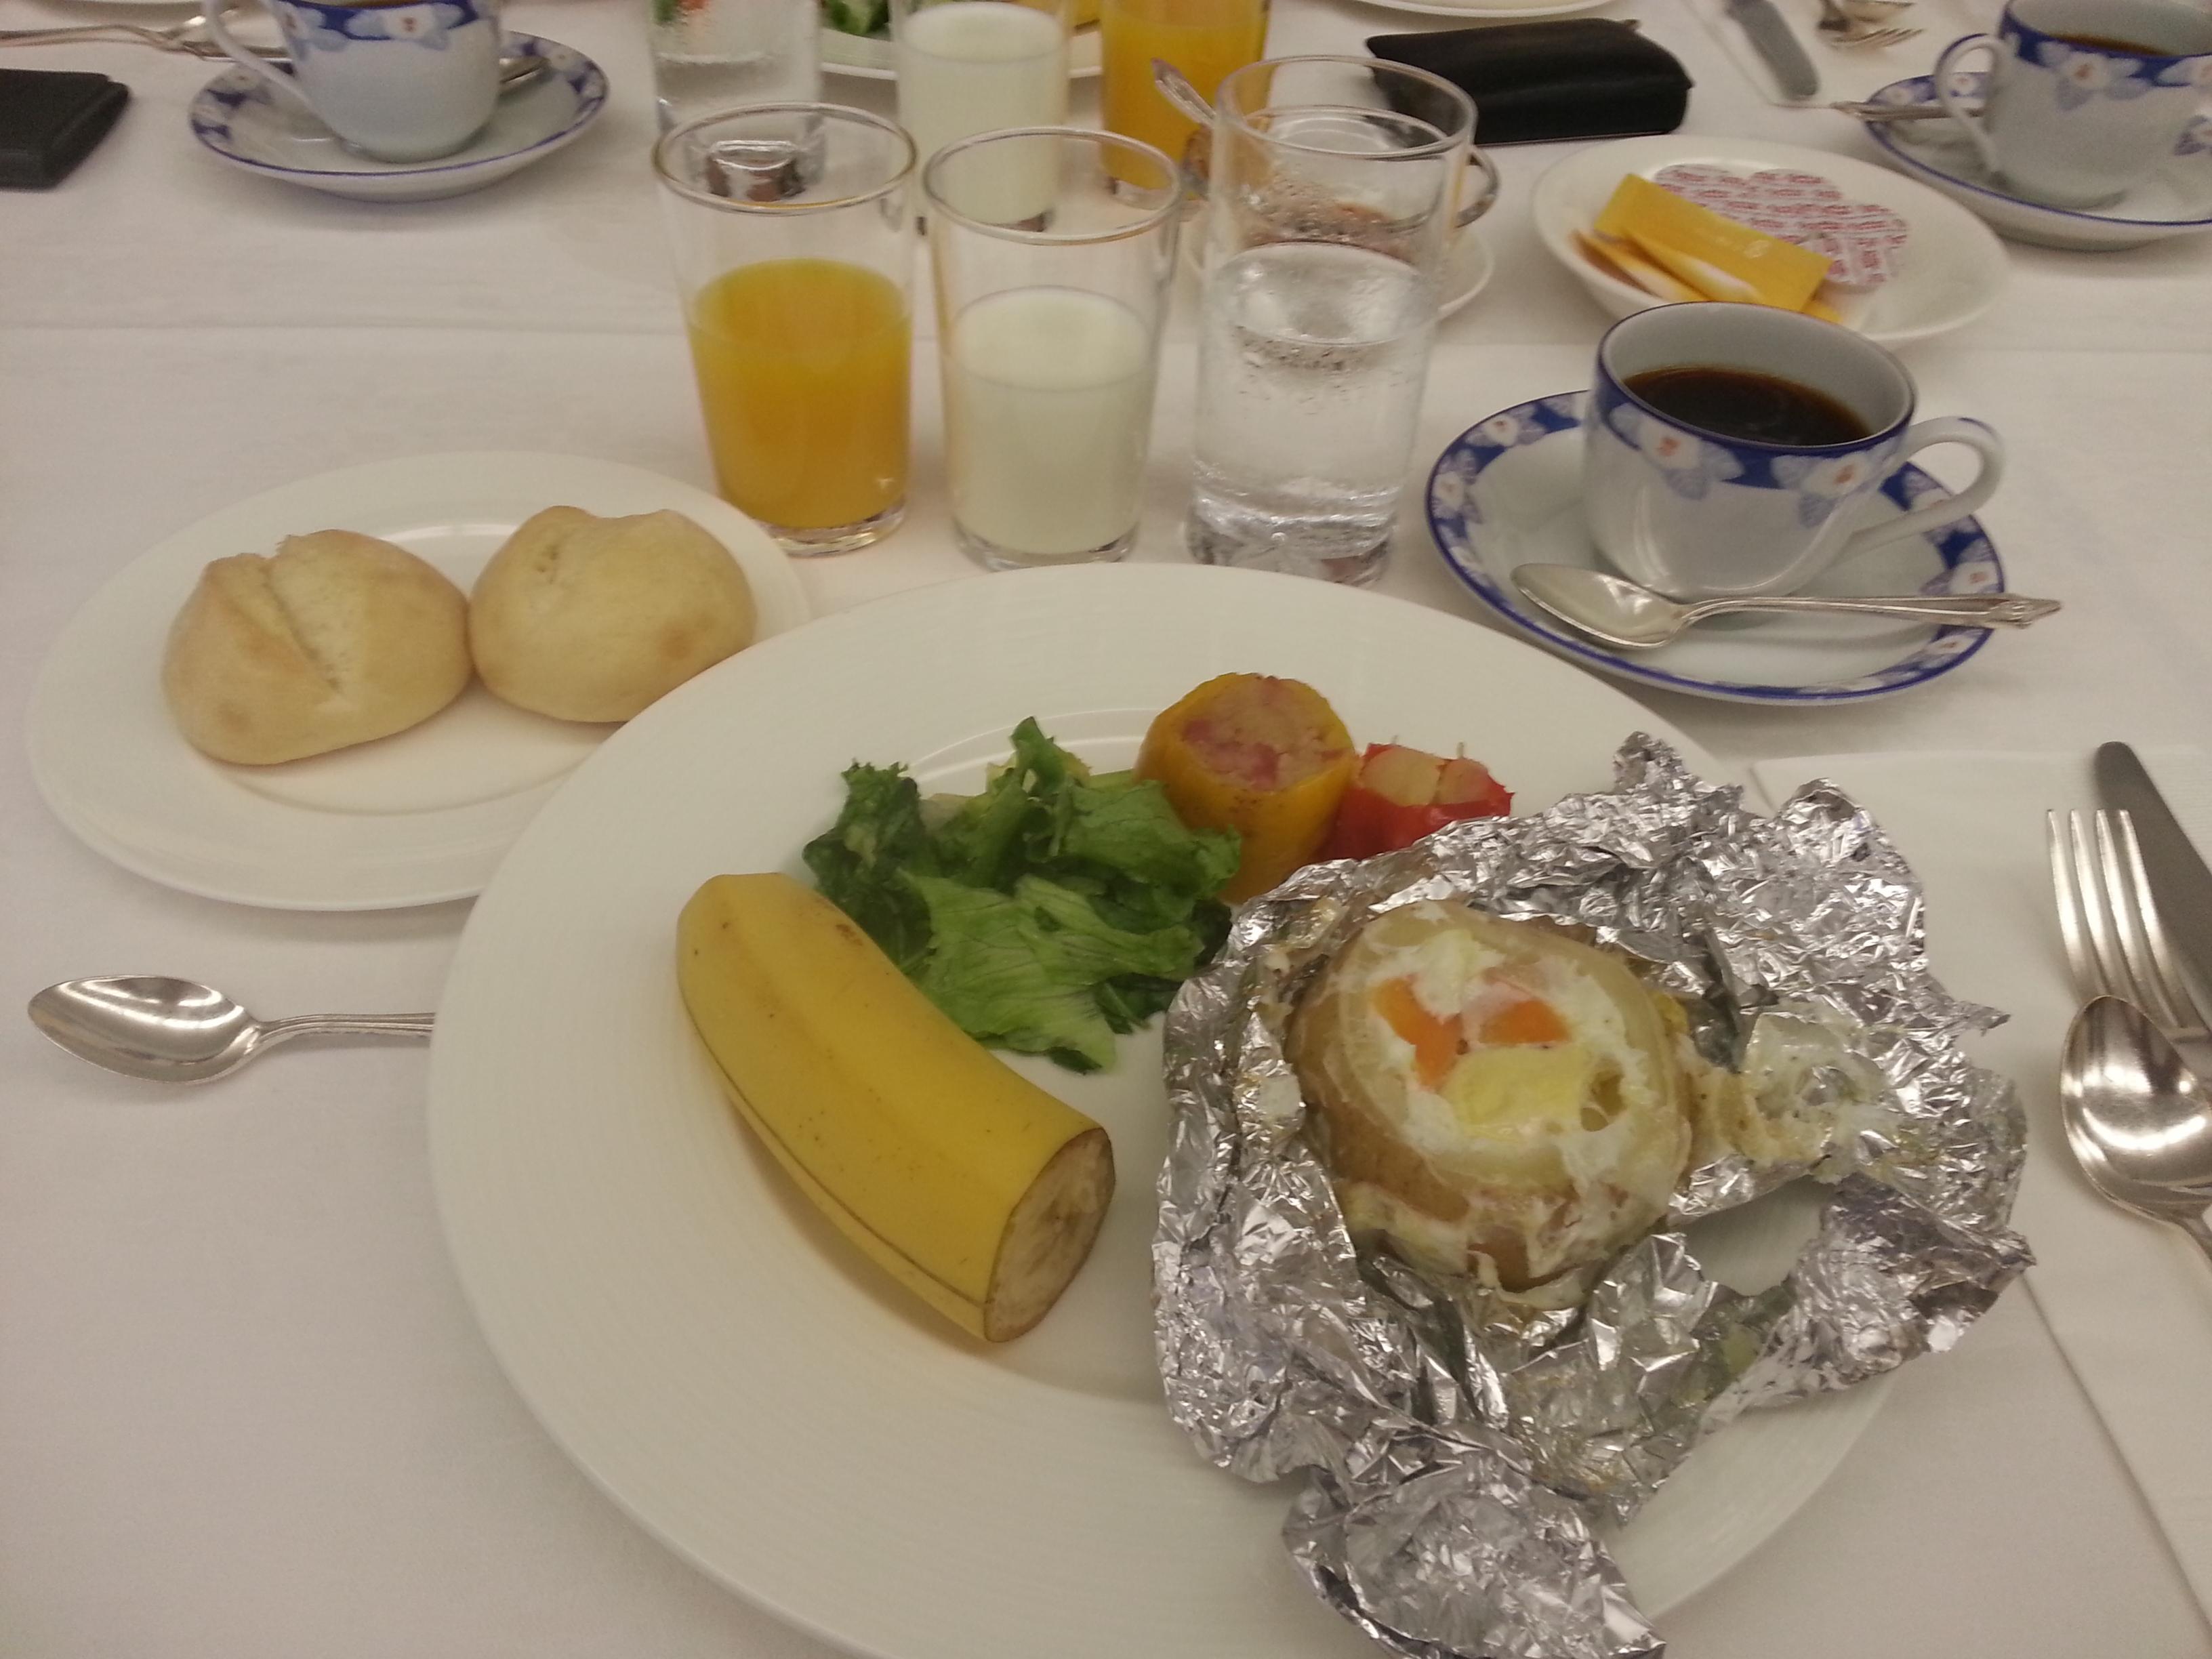 日建設計の羽鳥達也氏が講演、第23回エシカル朝食会